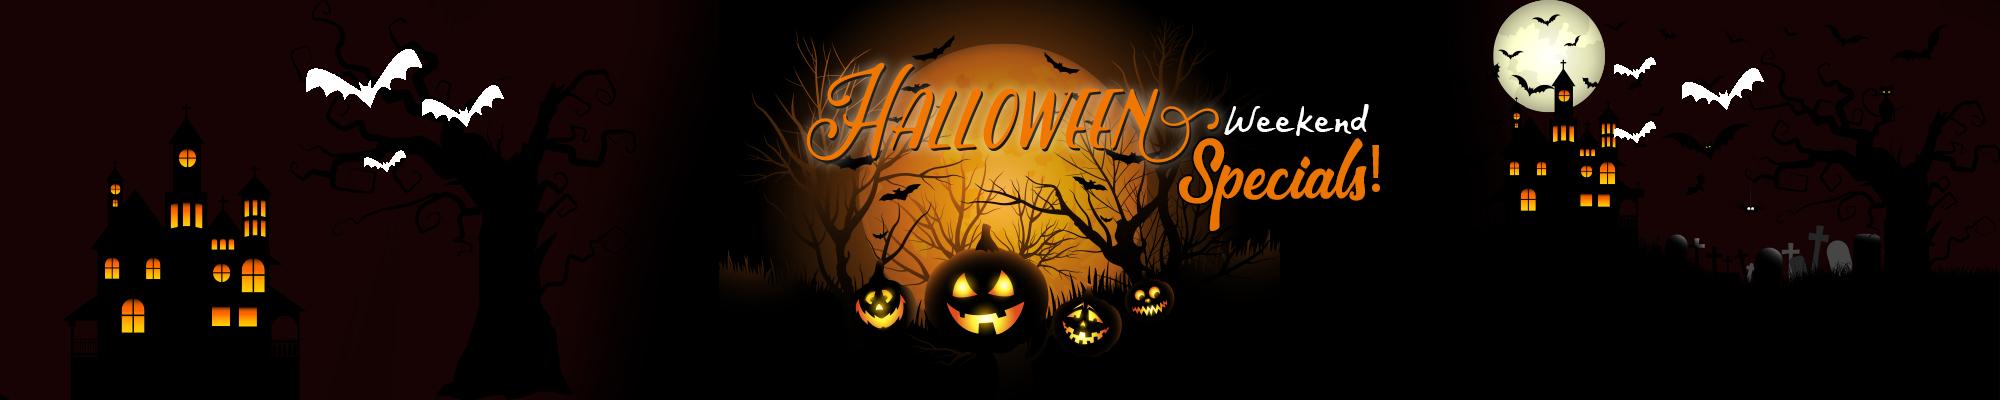 Halloween Party Rentals Near MeT